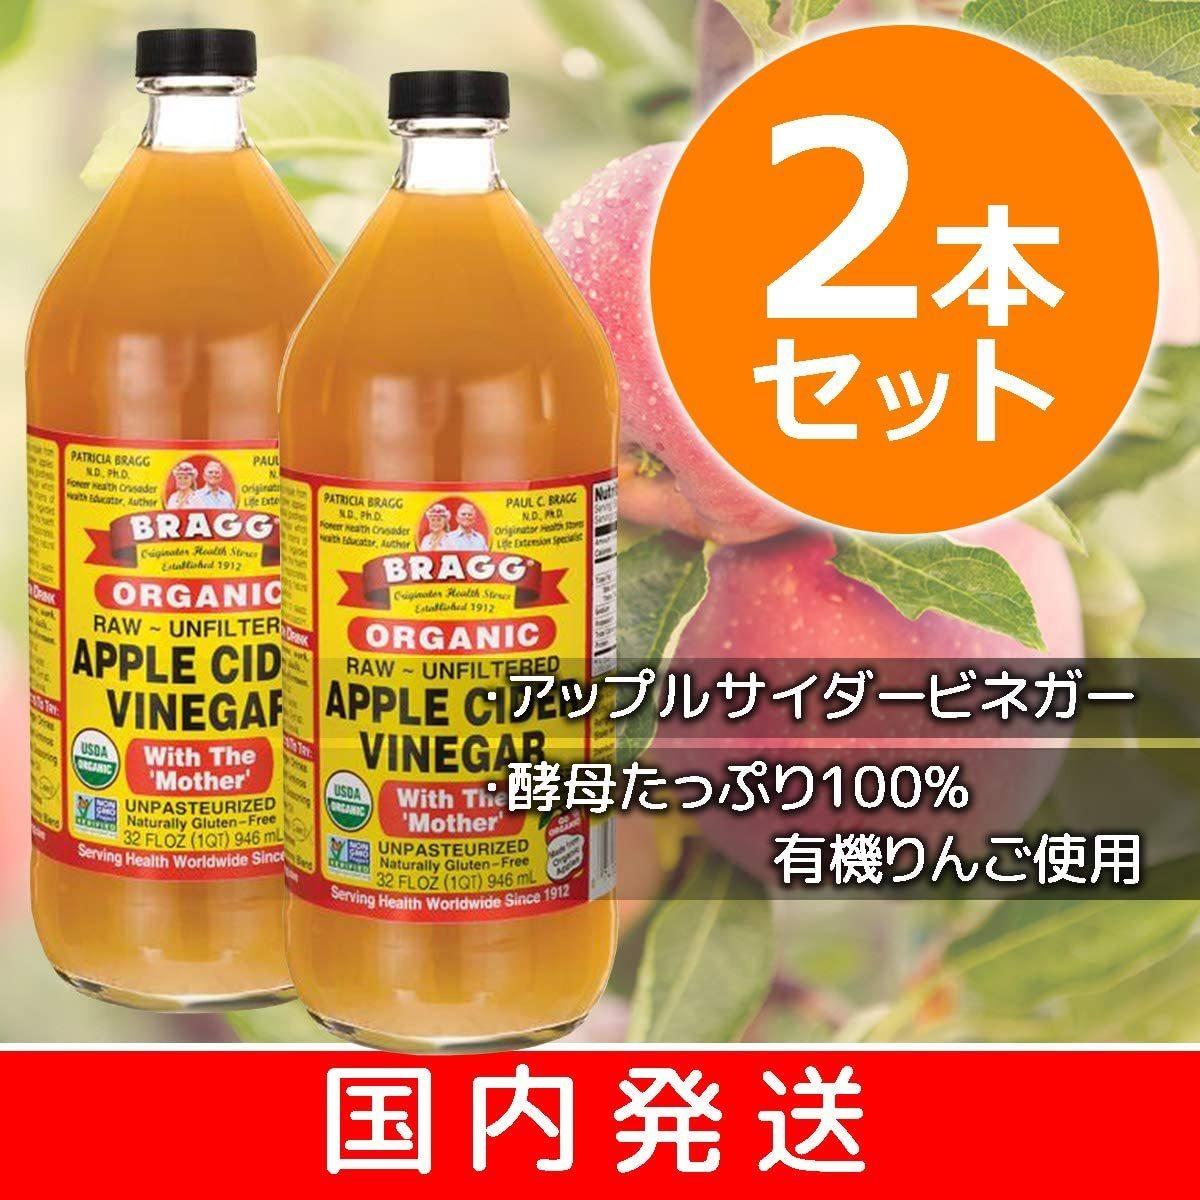 BRAGG オーガニックアップルサイダービネガー 946ml 【日本正規品】 2個セット_画像2